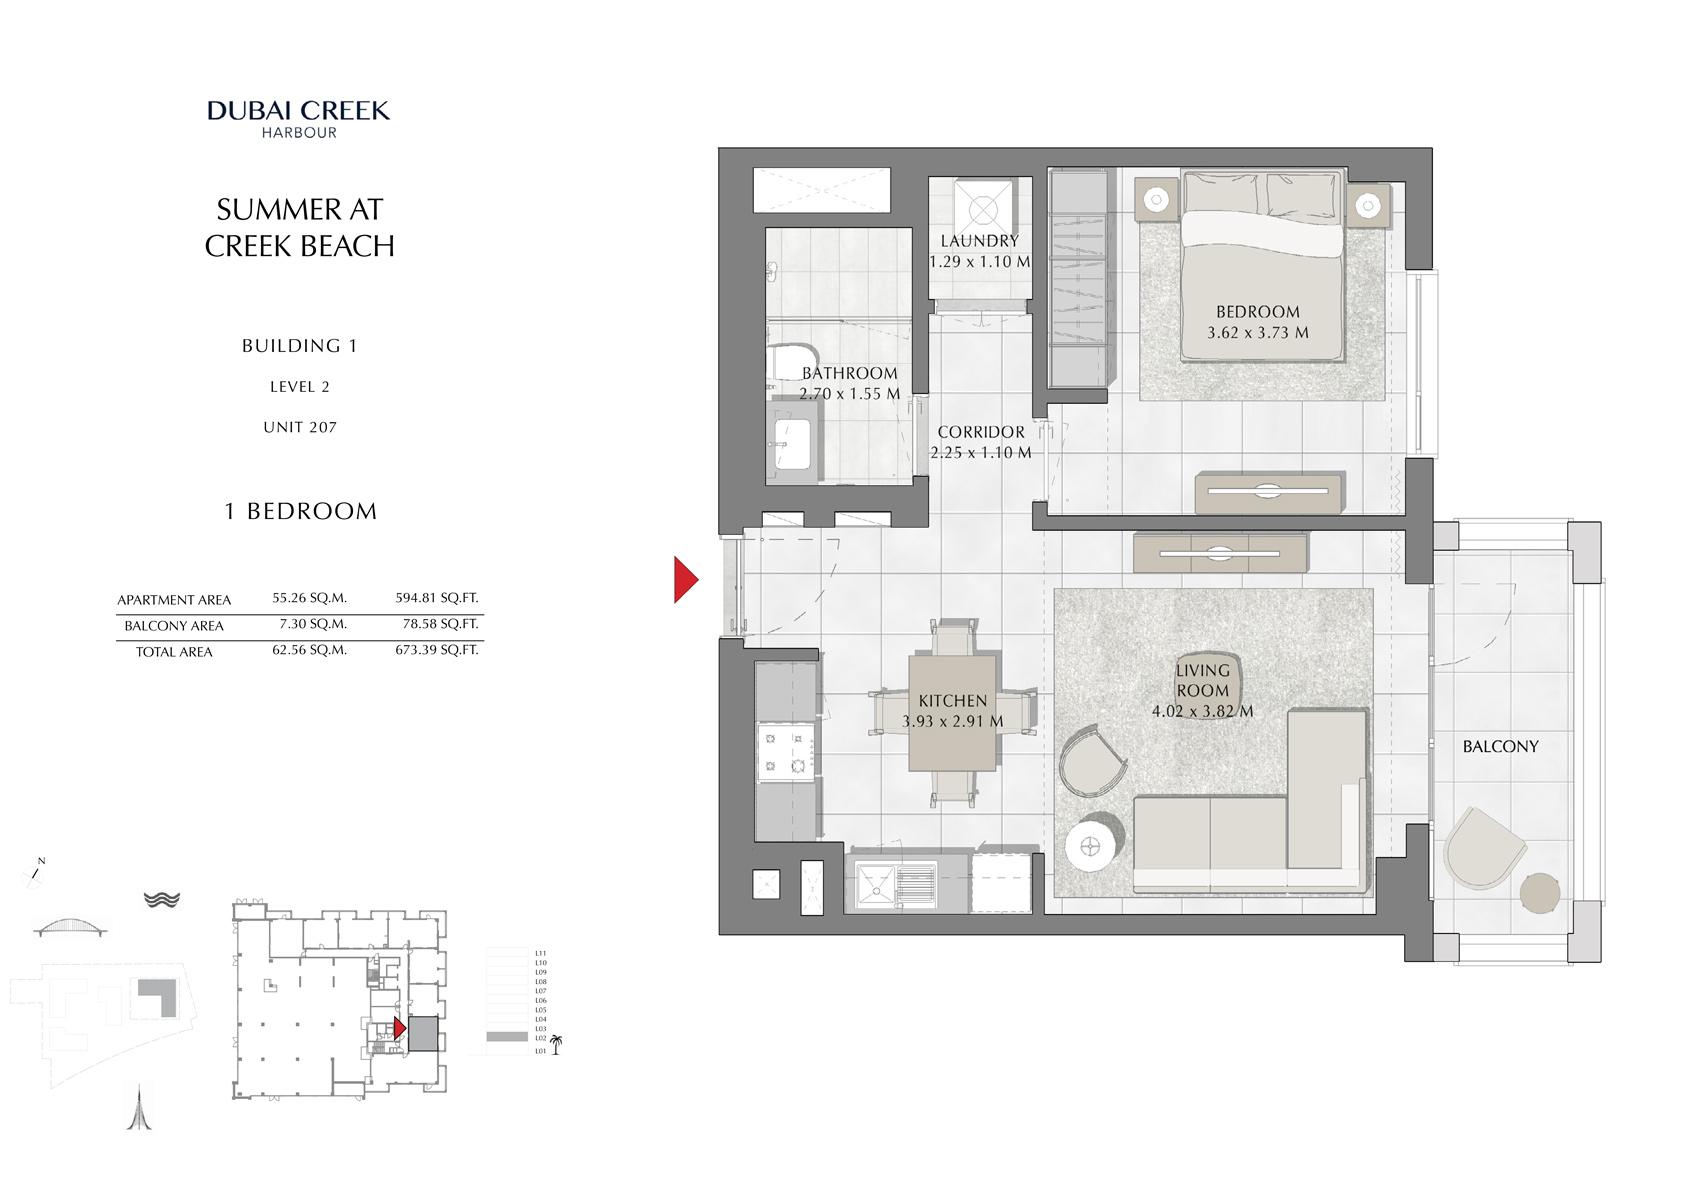 1 Br Building 1 Level 2 Unit 207, Size 673 Sq Ft